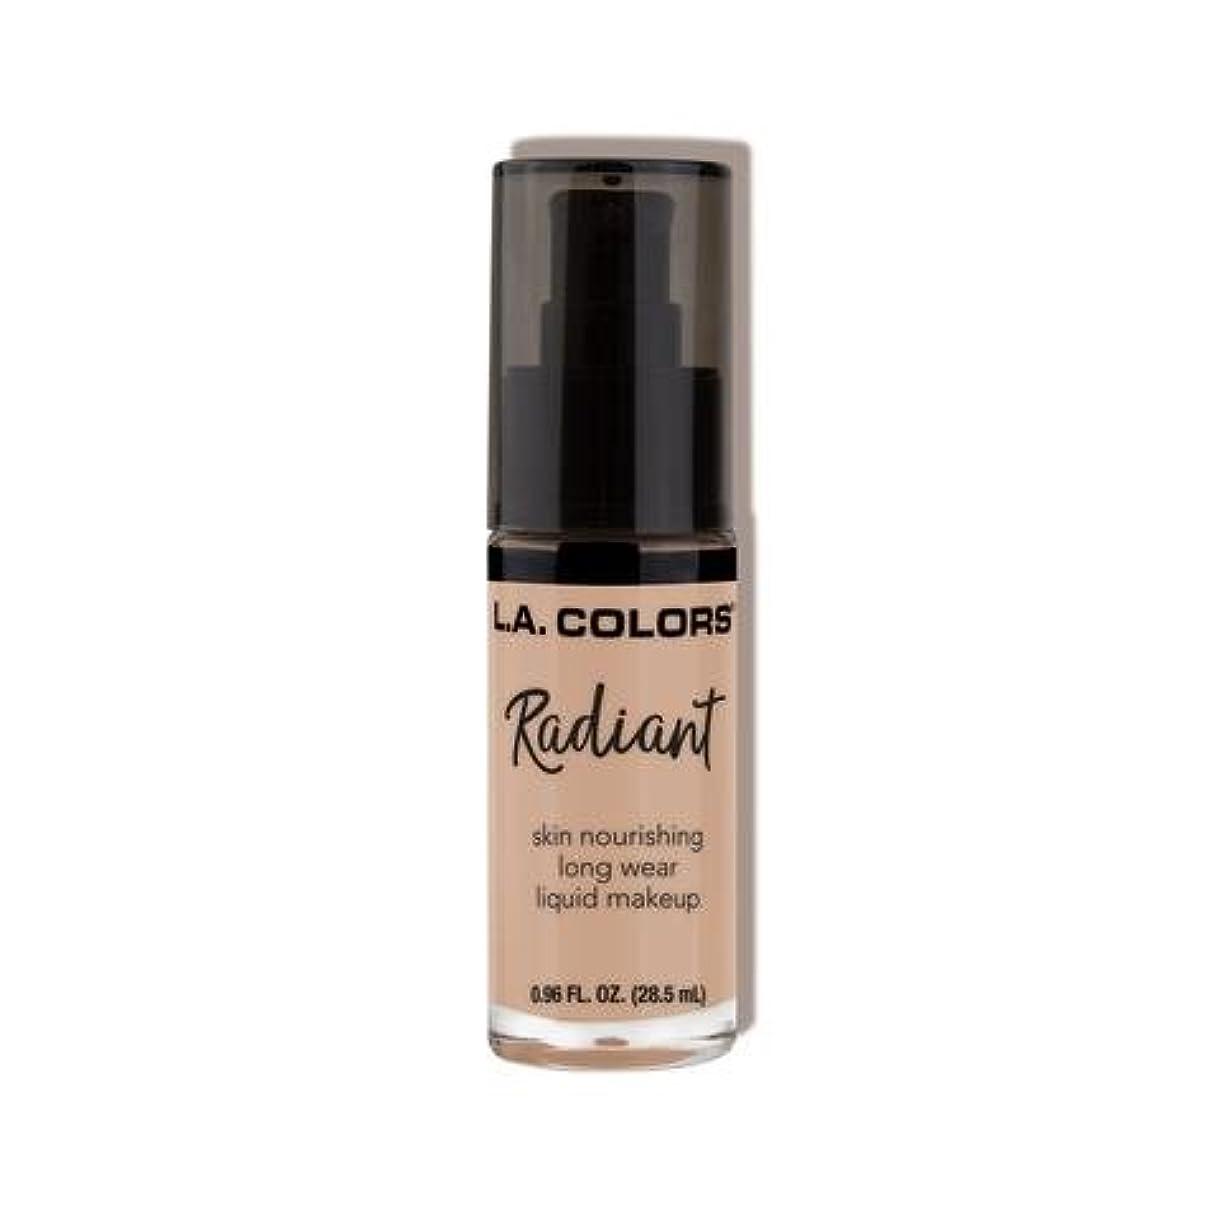 モードリン無謀腹(3 Pack) L.A. COLORS Radiant Liquid Makeup - Beige (並行輸入品)